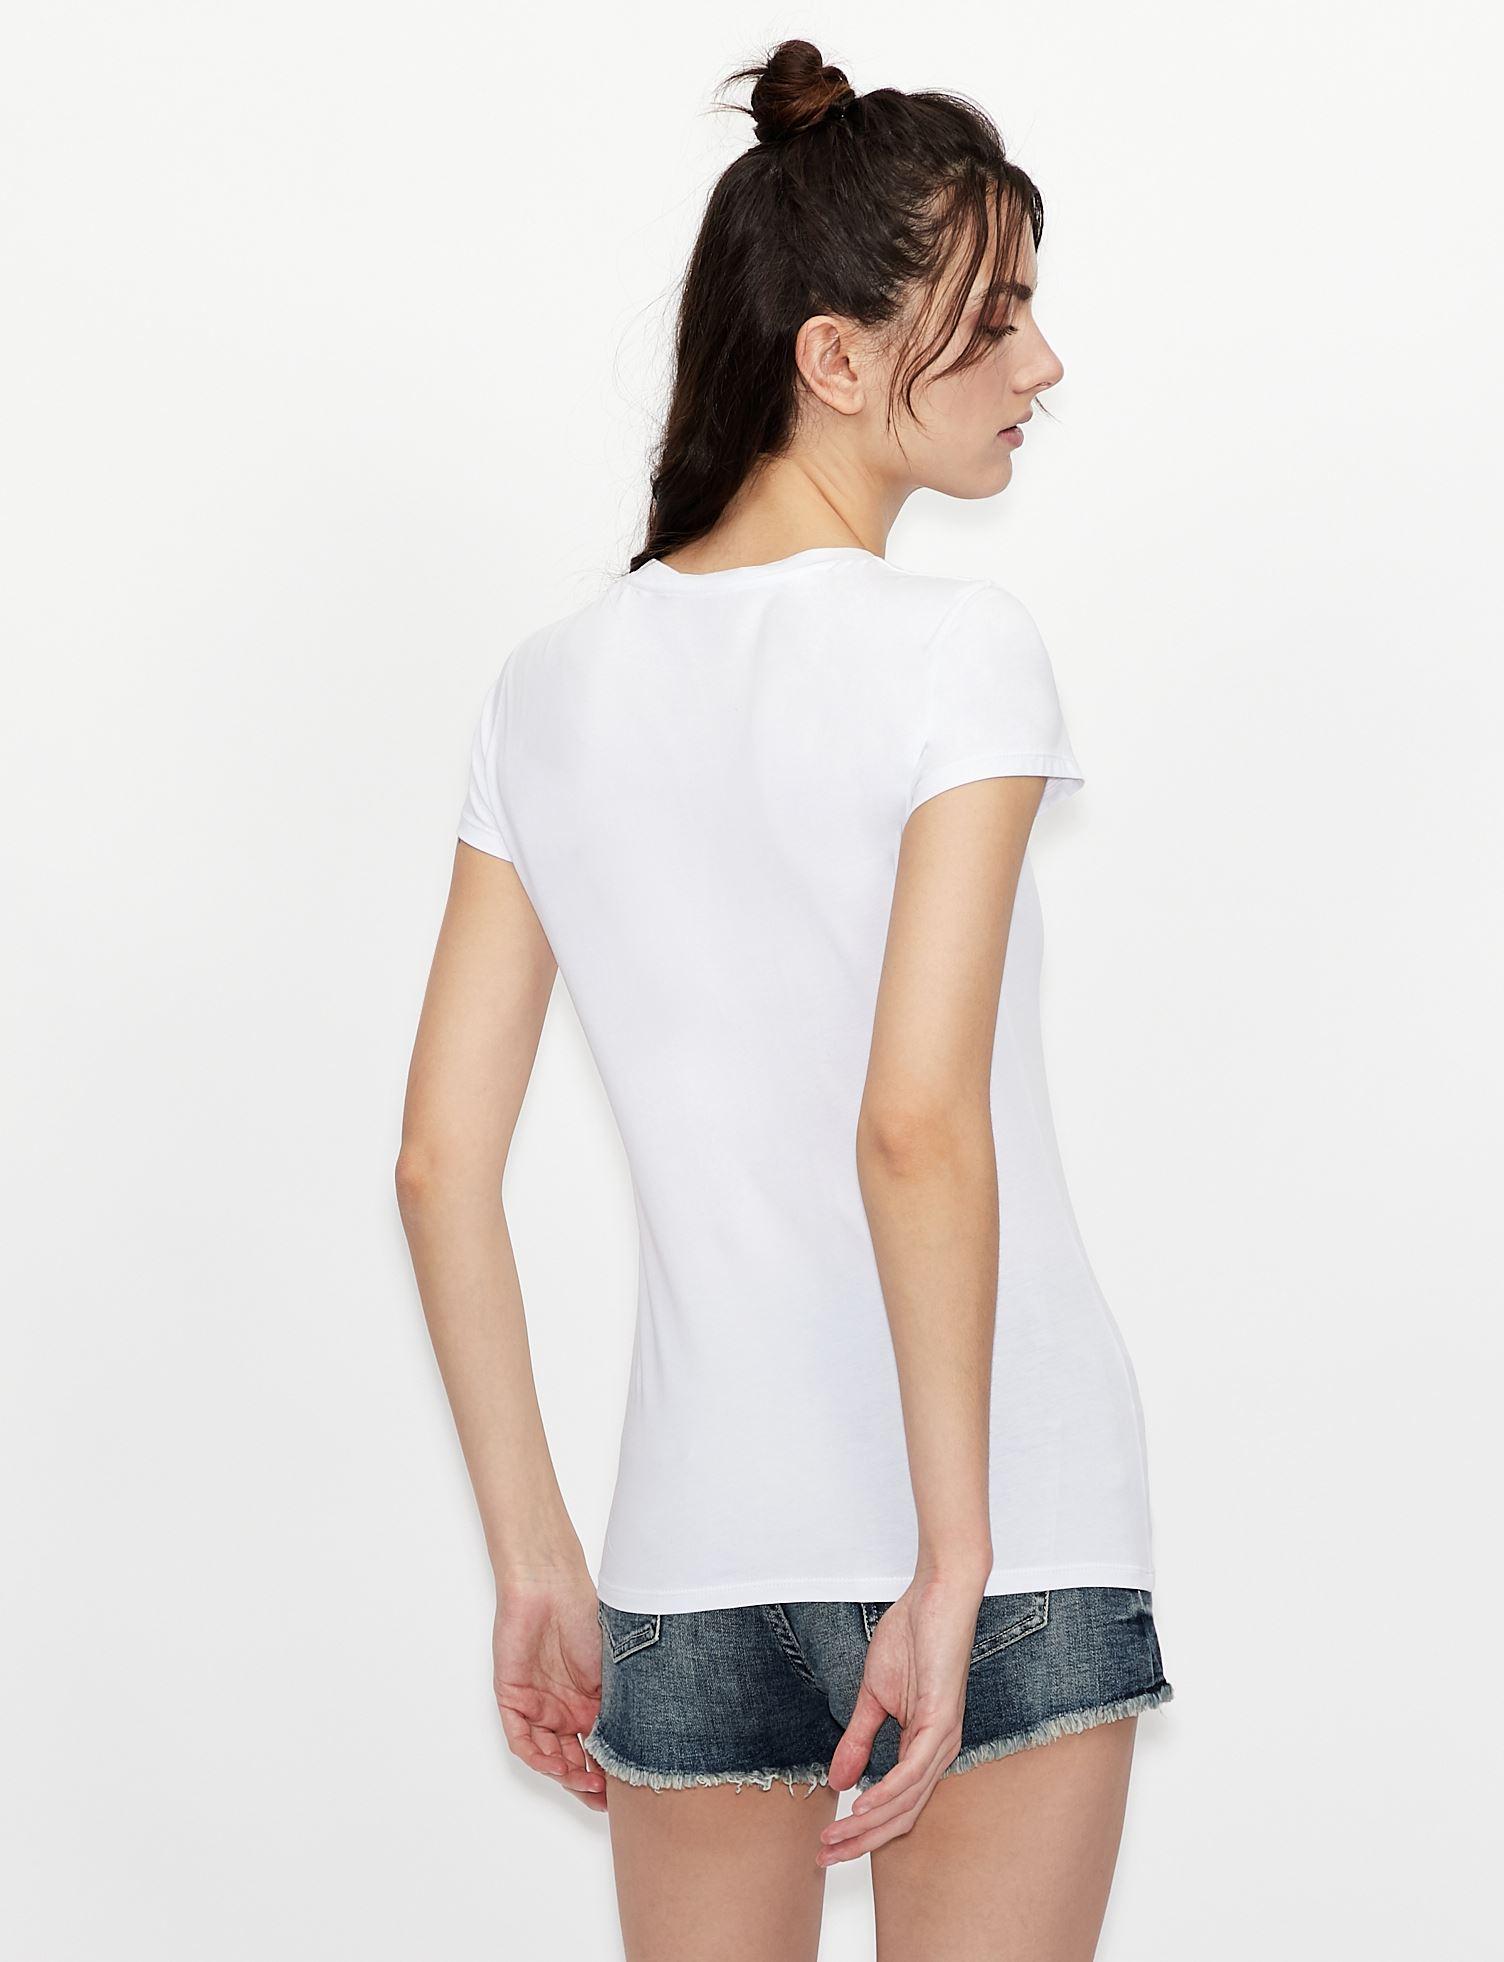 T-shirt slim fit Armani Exchange ARMANI EXCHANGE | T-shirt | 3KYTGH-YJ7GZ1000